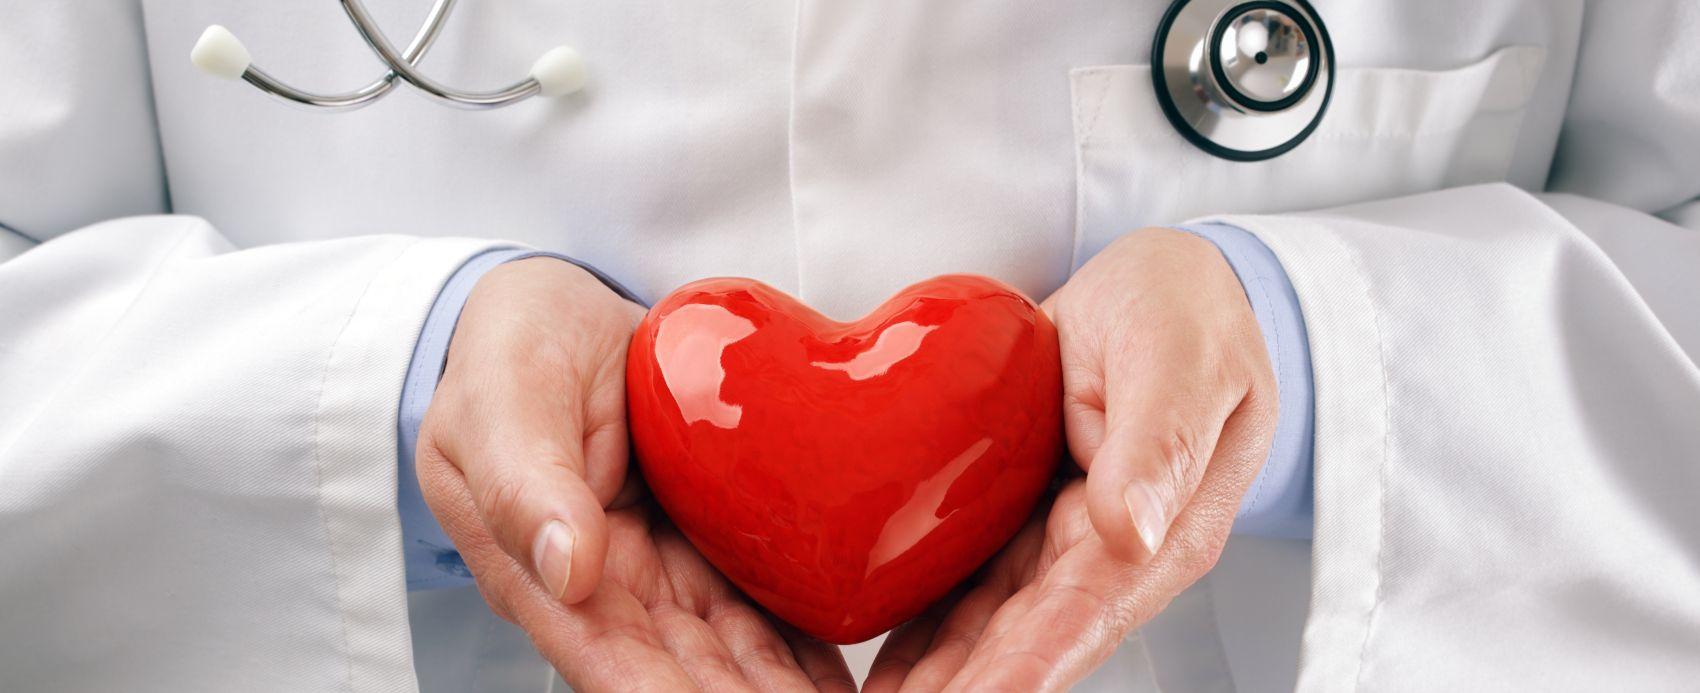 Policlínica-Botafogo-clinica-médica-cardiologista-RJ